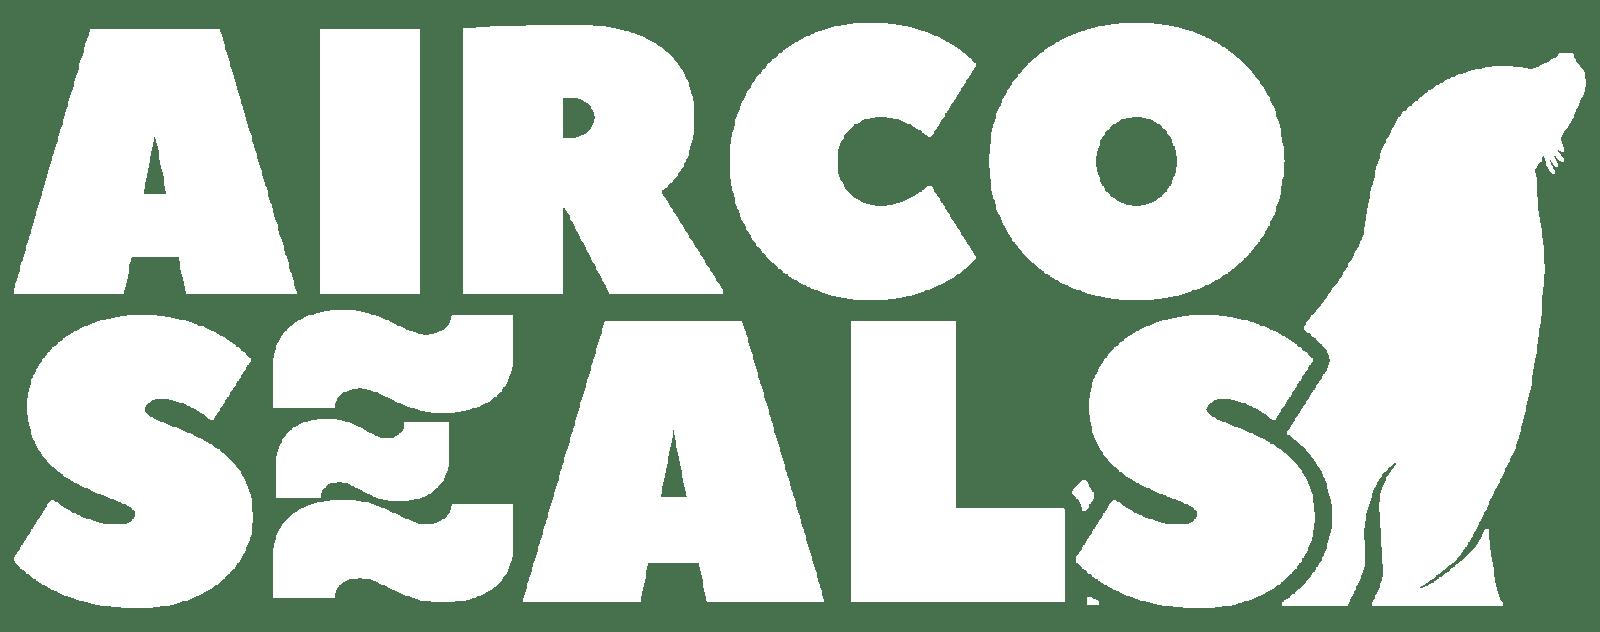 Airco Seals